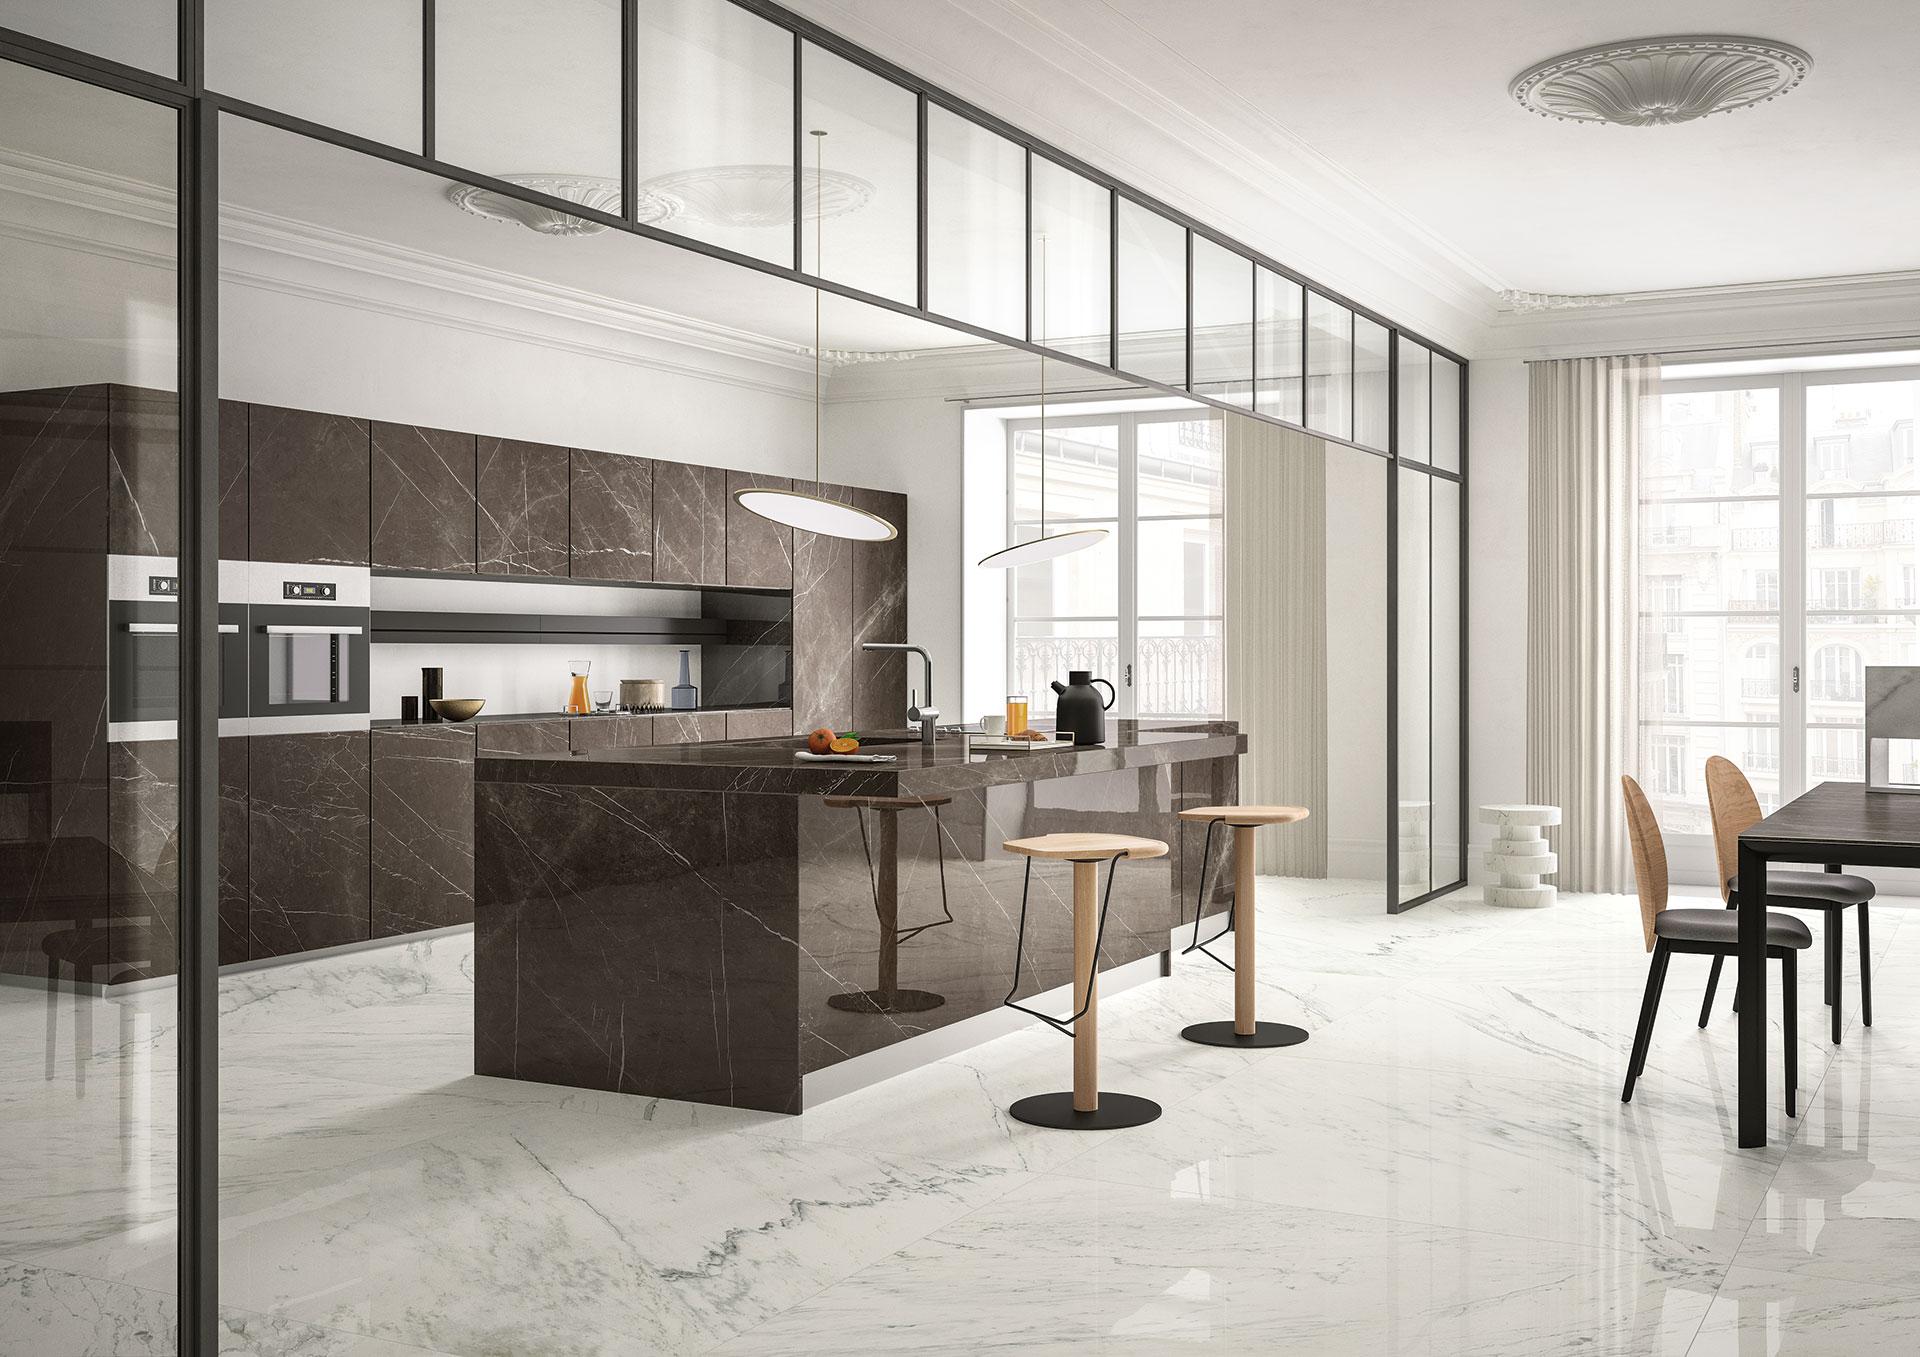 Sapienstone il miglior piano lavoro e top cucina in gres porcellanato floornature - Top cucina in ceramica ...